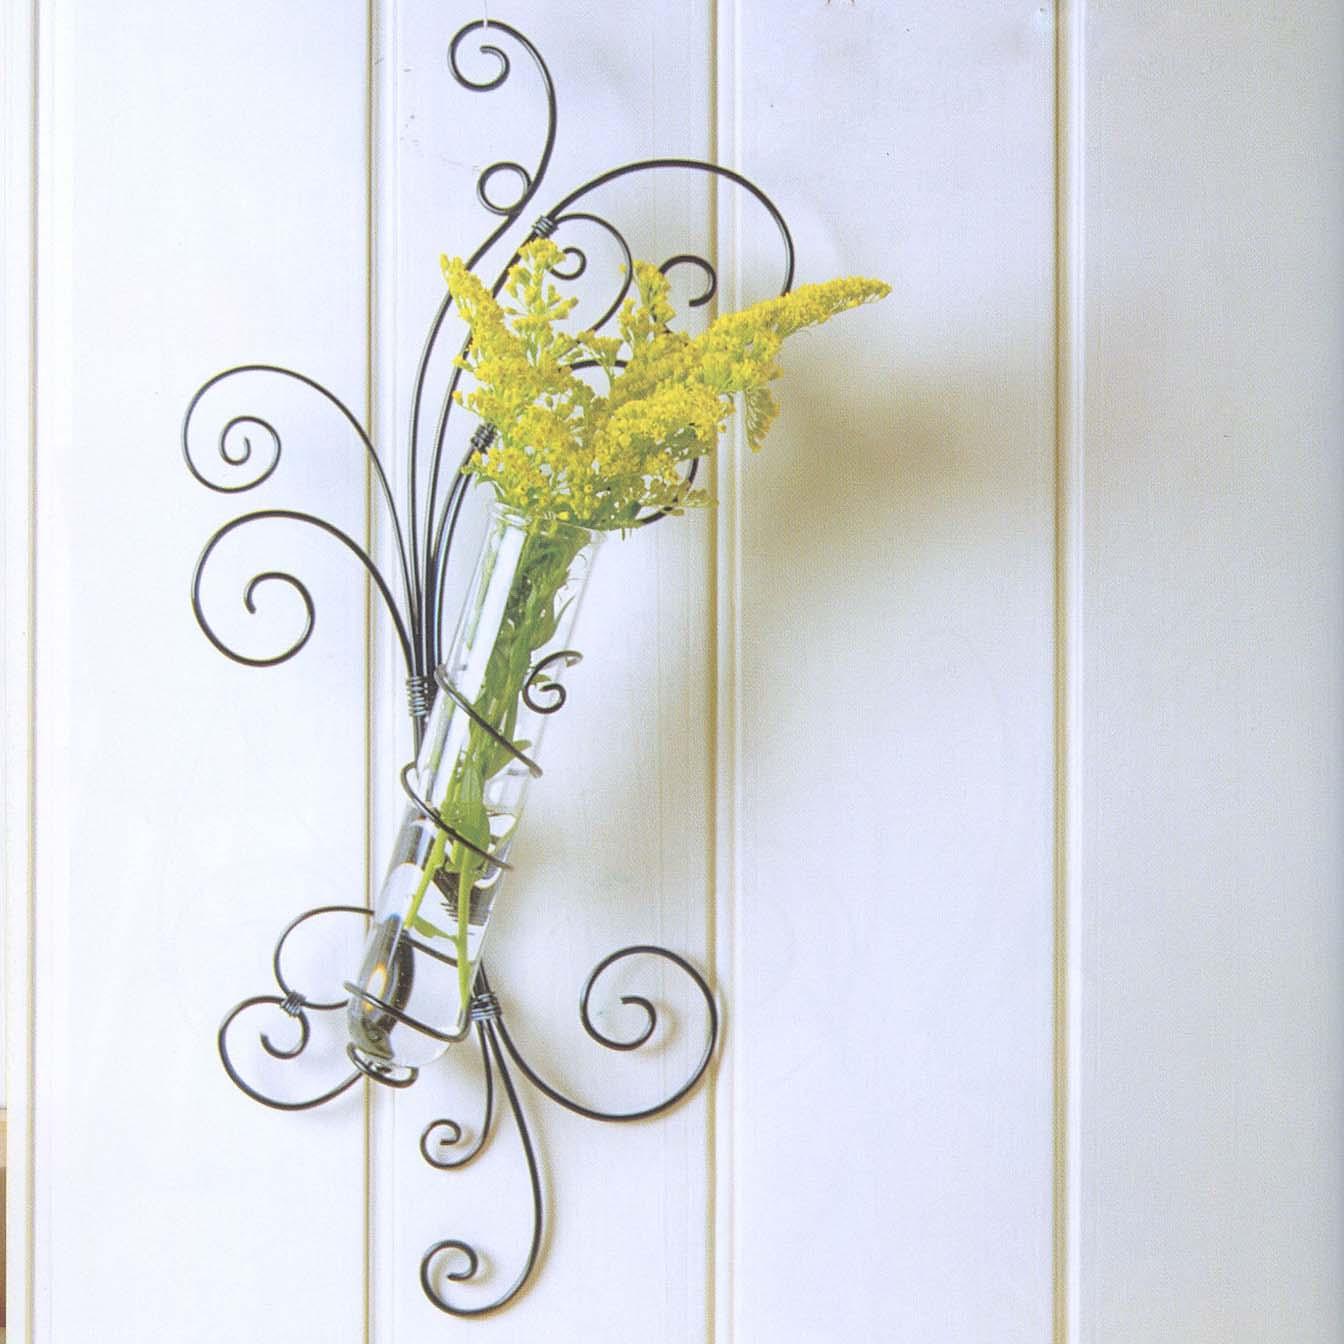 创意手工艺品 纯手工铝丝制作 壁式创意造型花架 插花花瓶 墙饰